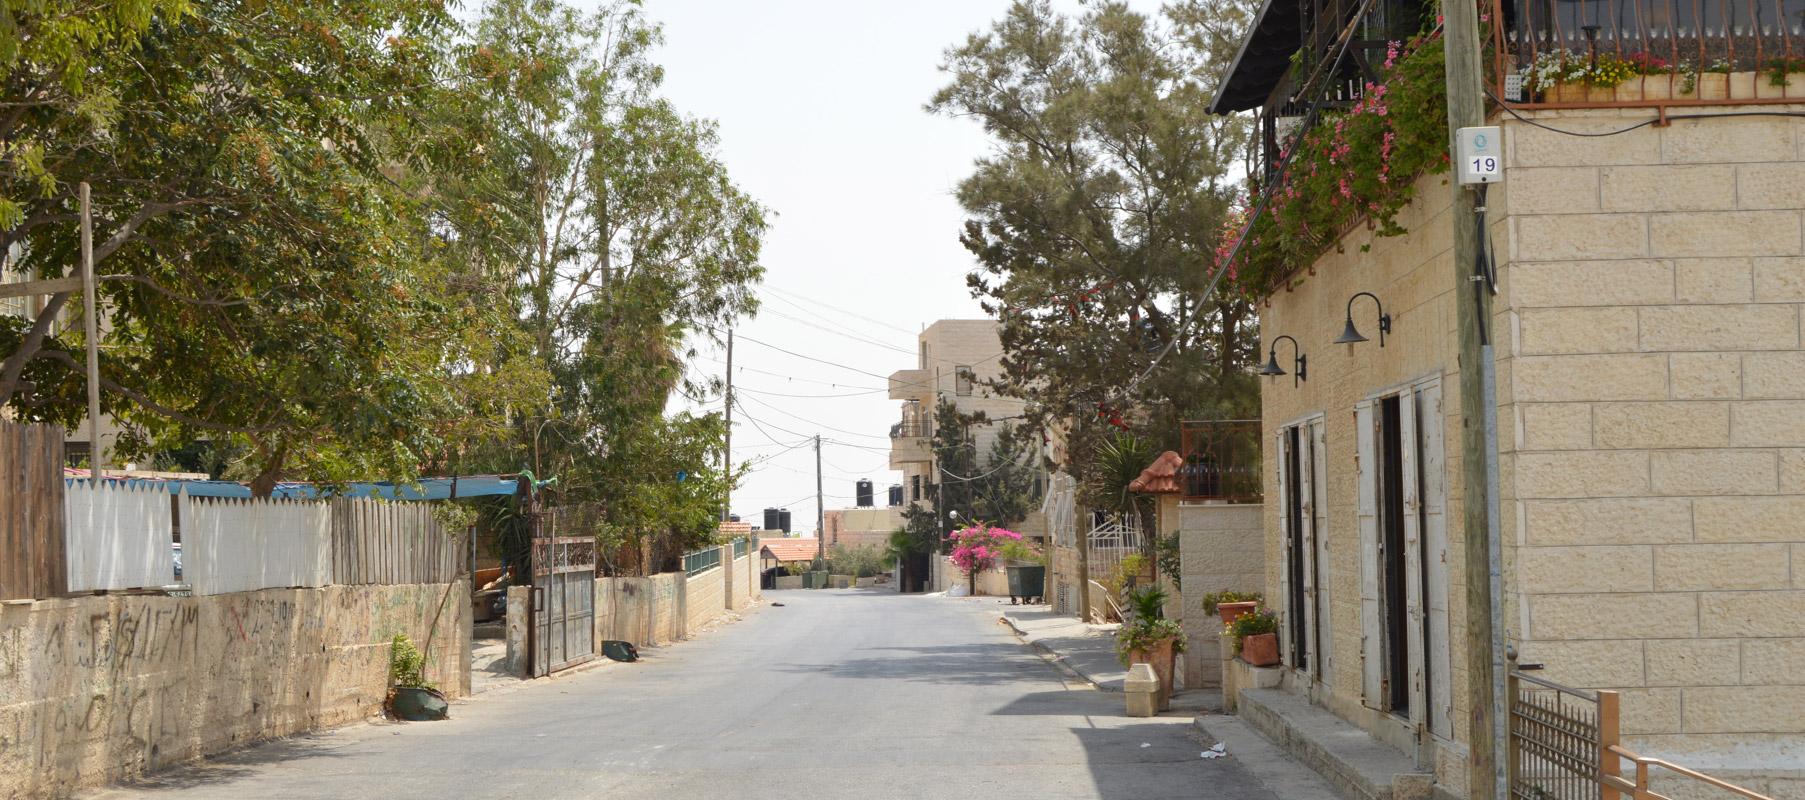 Hizma, Palestine